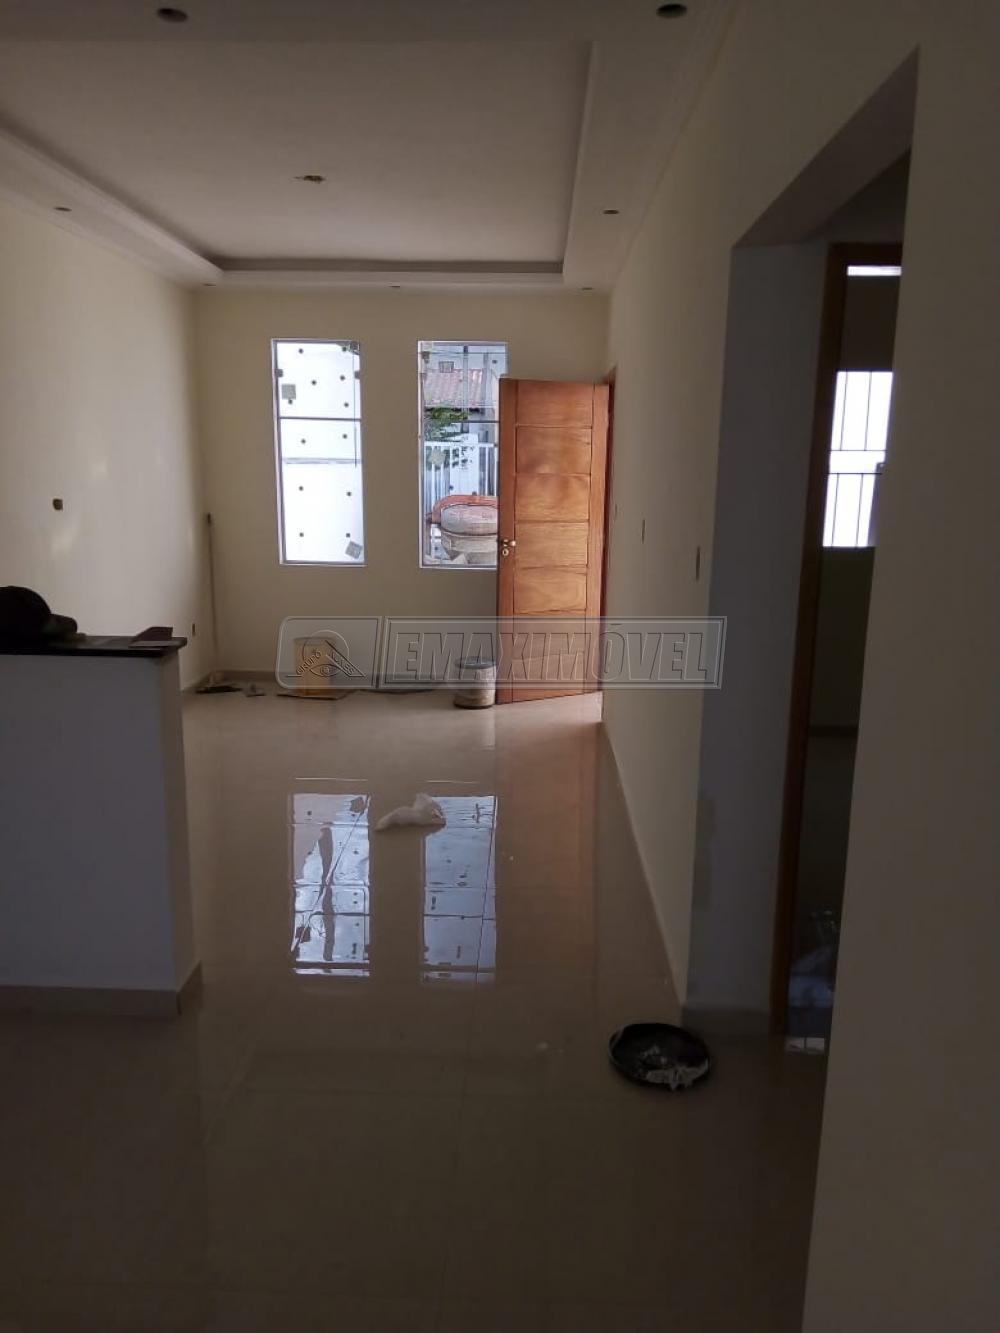 Comprar Casas / em Bairros em Sorocaba apenas R$ 220.000,00 - Foto 2